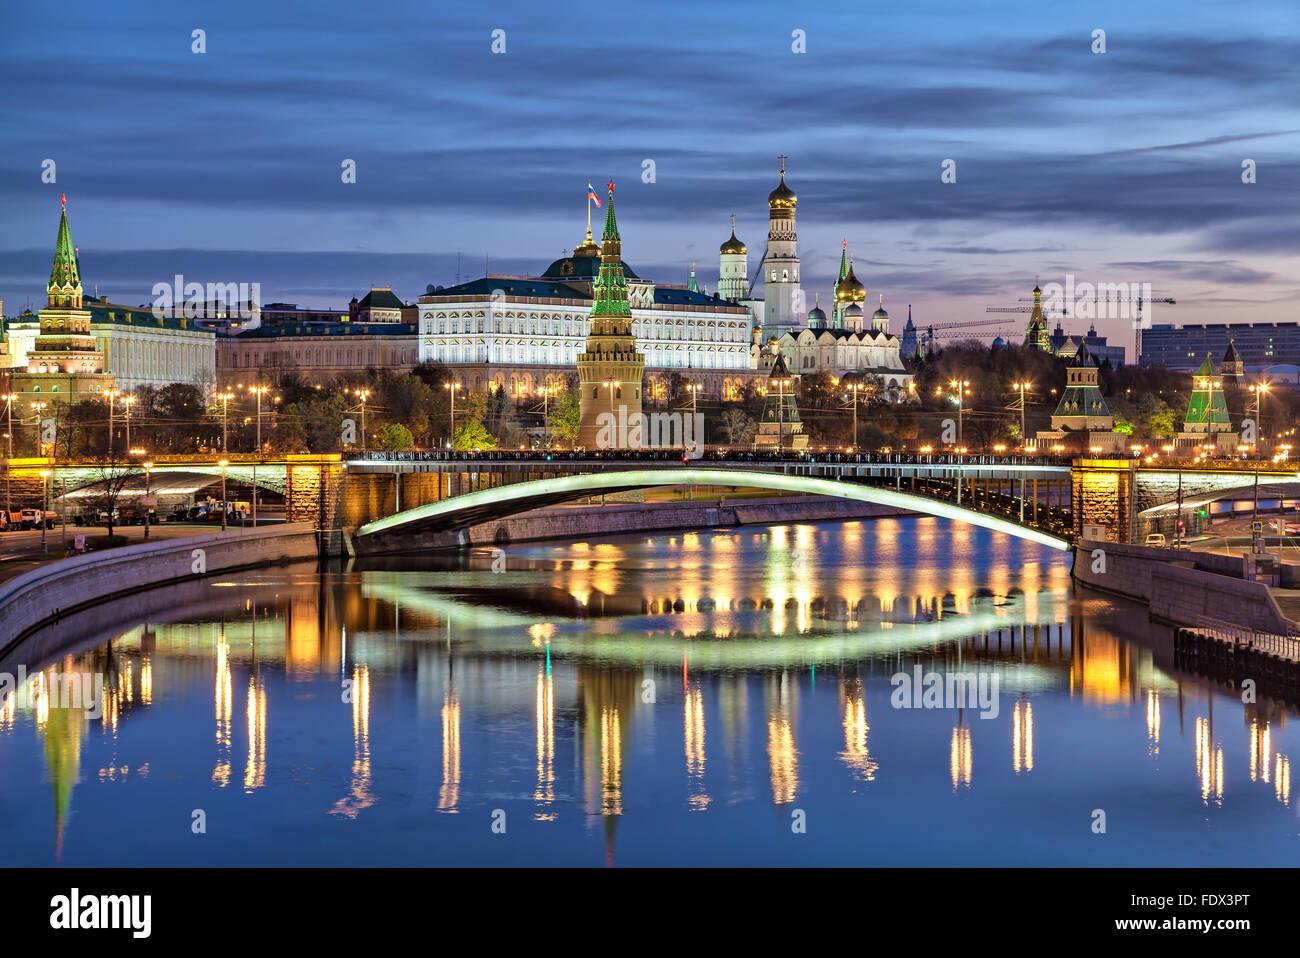 Ver en el Bolshoi Kamenny Bridge y del Kremlin en la mañana, Rusia Imagen De Stock